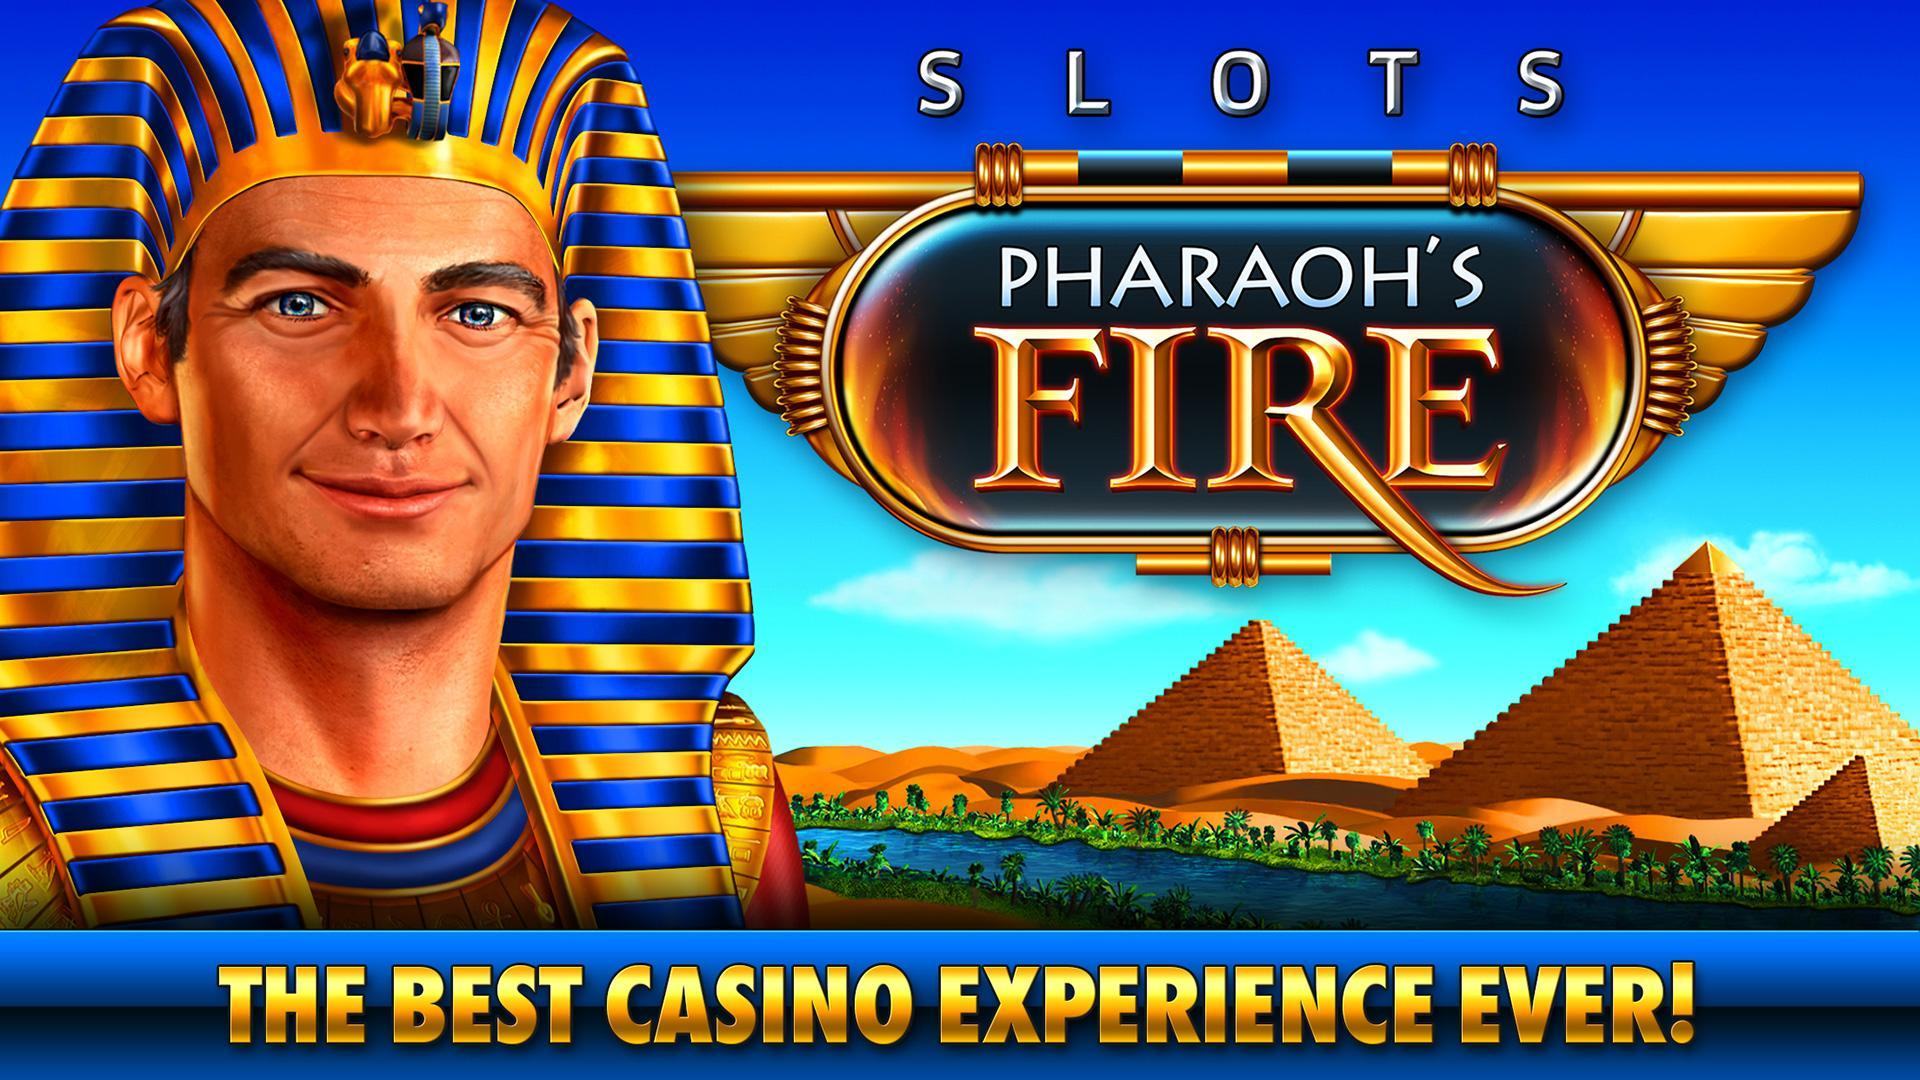 Slots - Pharaoh' Fire